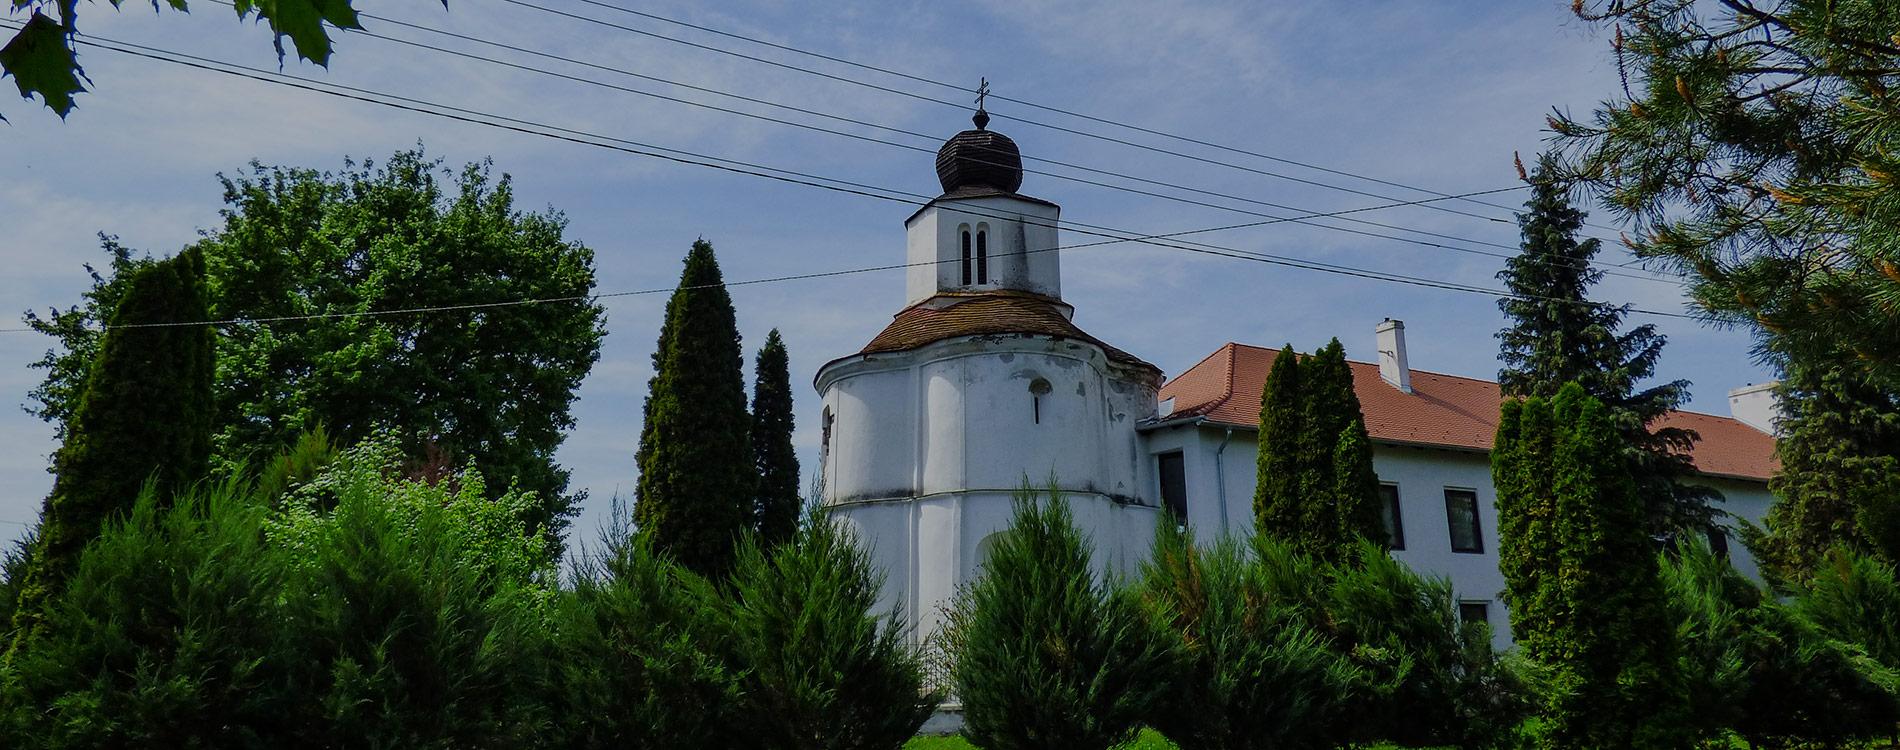 Pápóc Templom